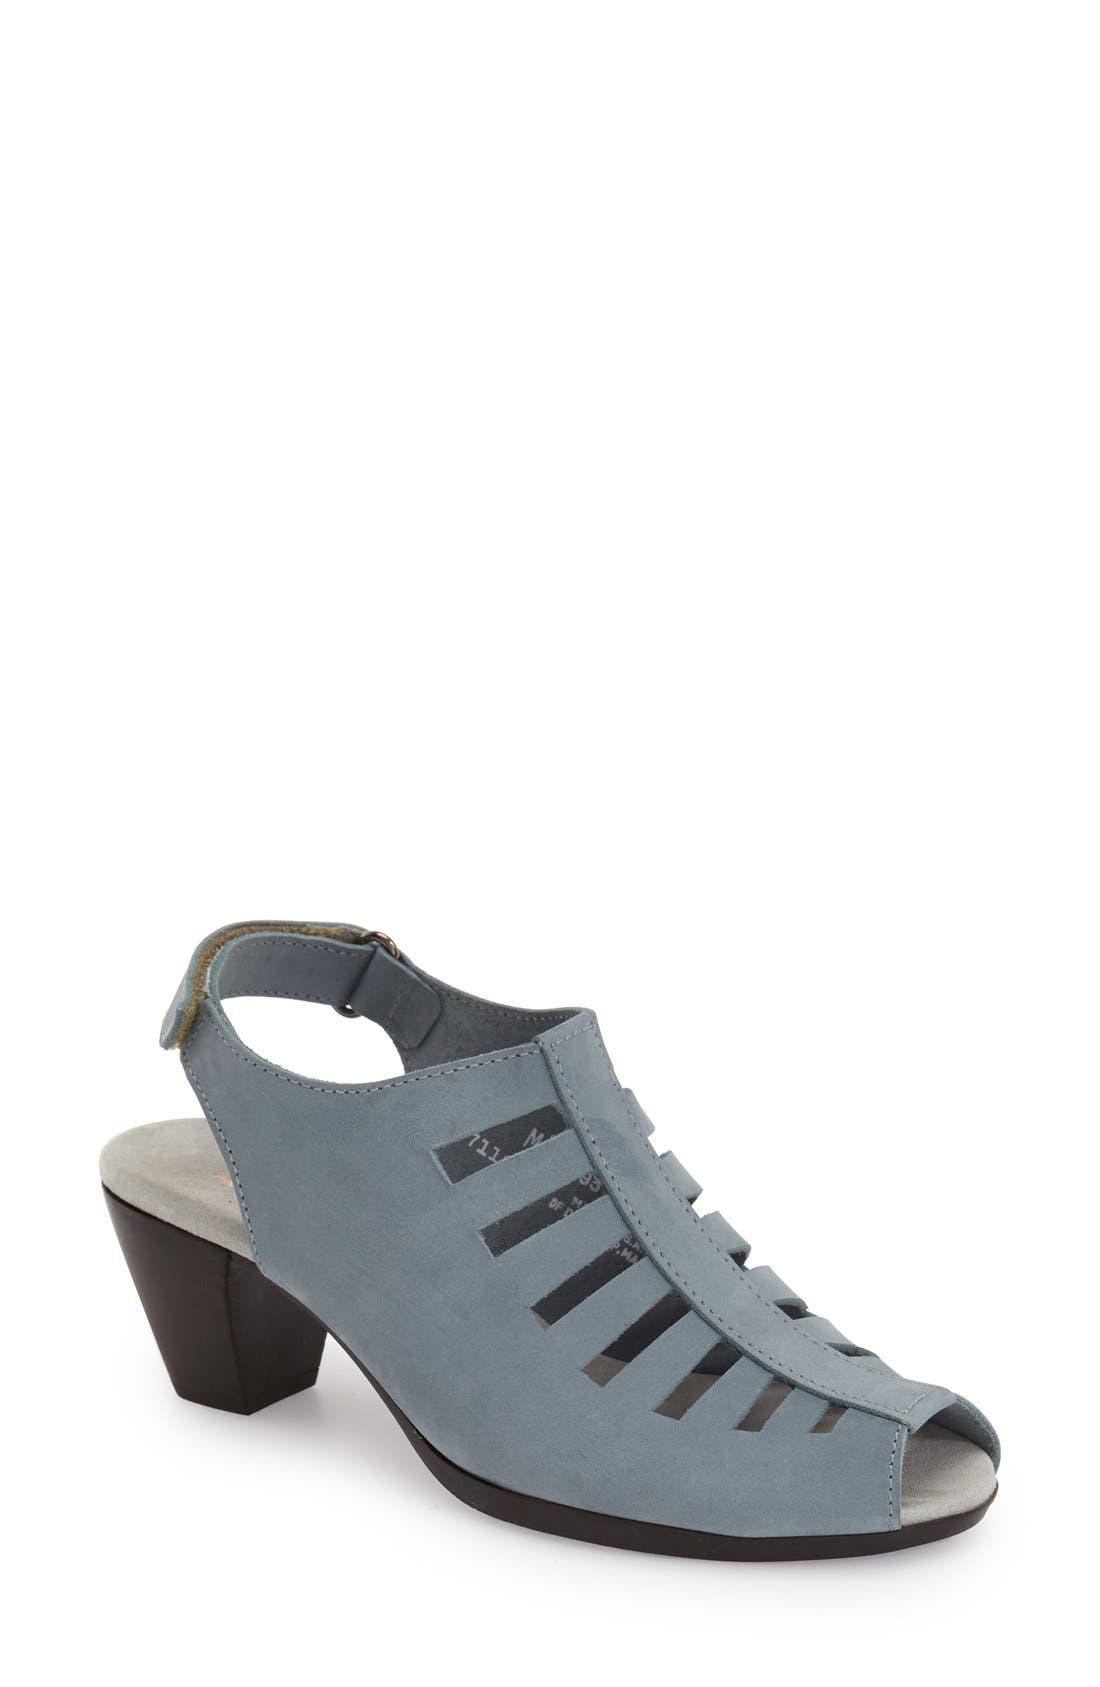 Alternate Image 1 Selected - Munro 'Abby' Slingback Sandal (Women)